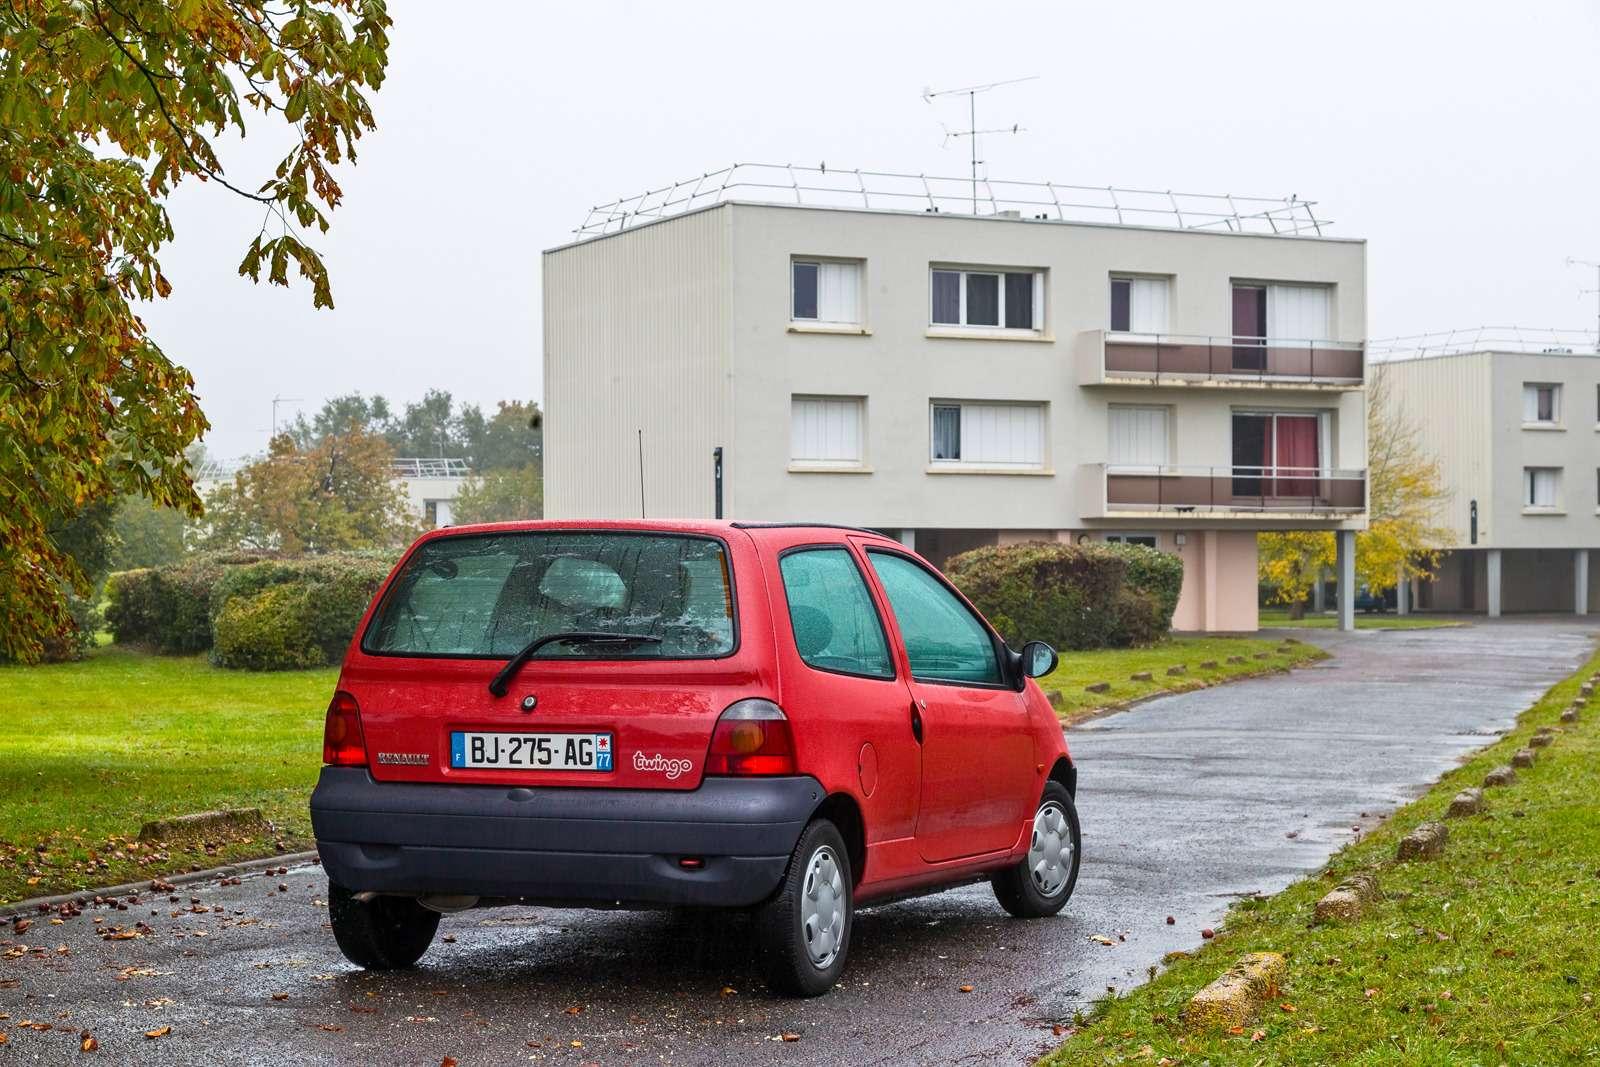 52-Renault-old_zr-01_16